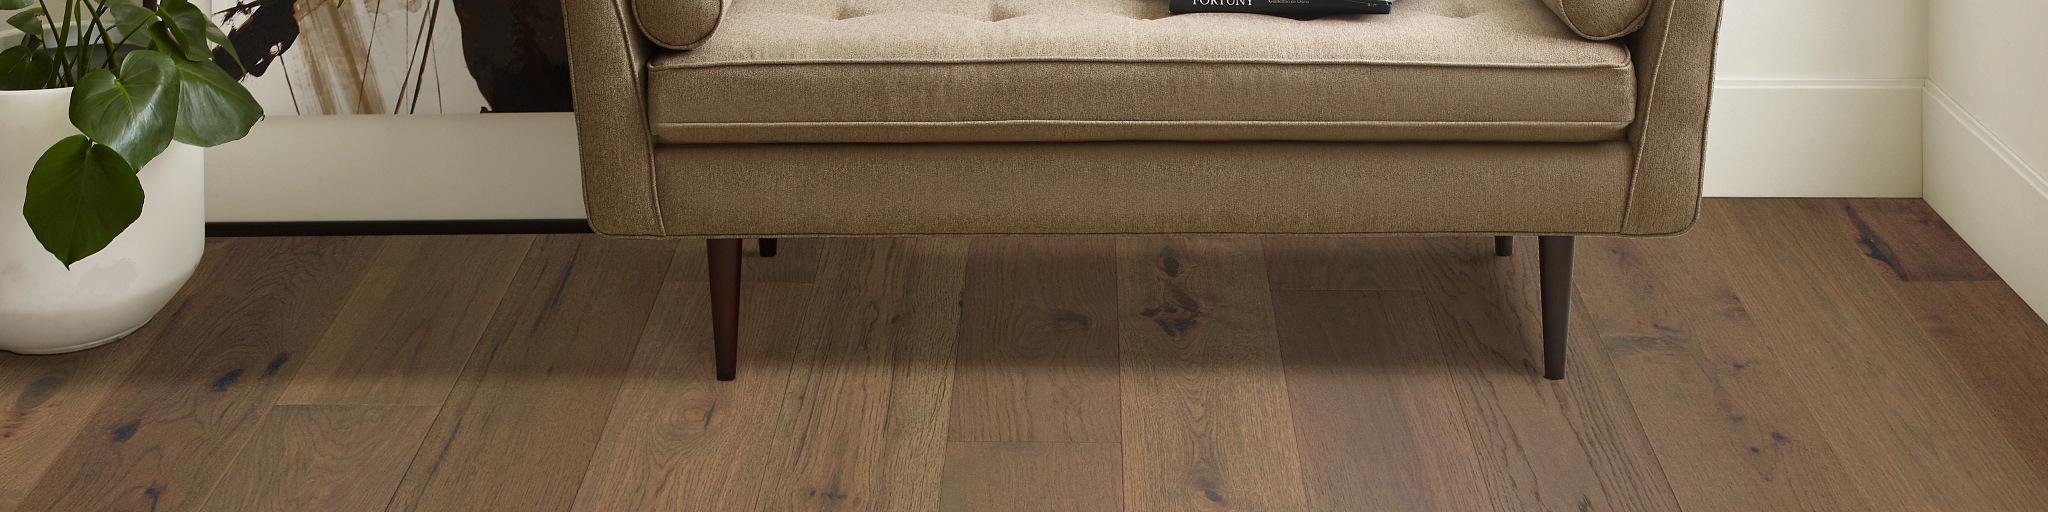 Hardwood-Anderson-Tuftex-ImperialPecan-AA828-17036-Hazel-7.5in-Living-Room-2020-SWS